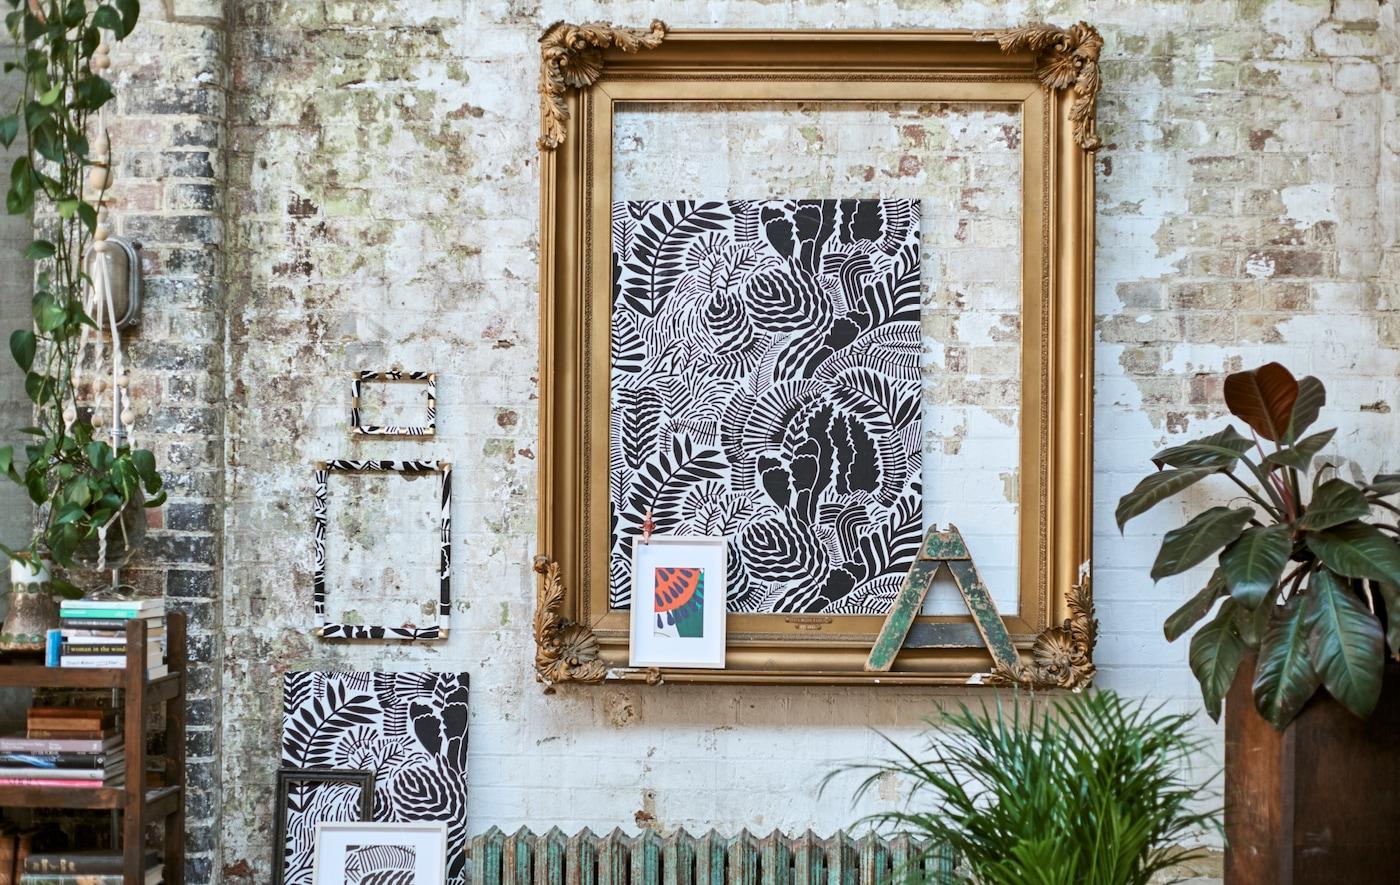 Een galerij van ingelijste, met patroon voorziene stoffen op een bakstenen muur met een grote gouden lijst, hangplanten en een lage boekenkast.